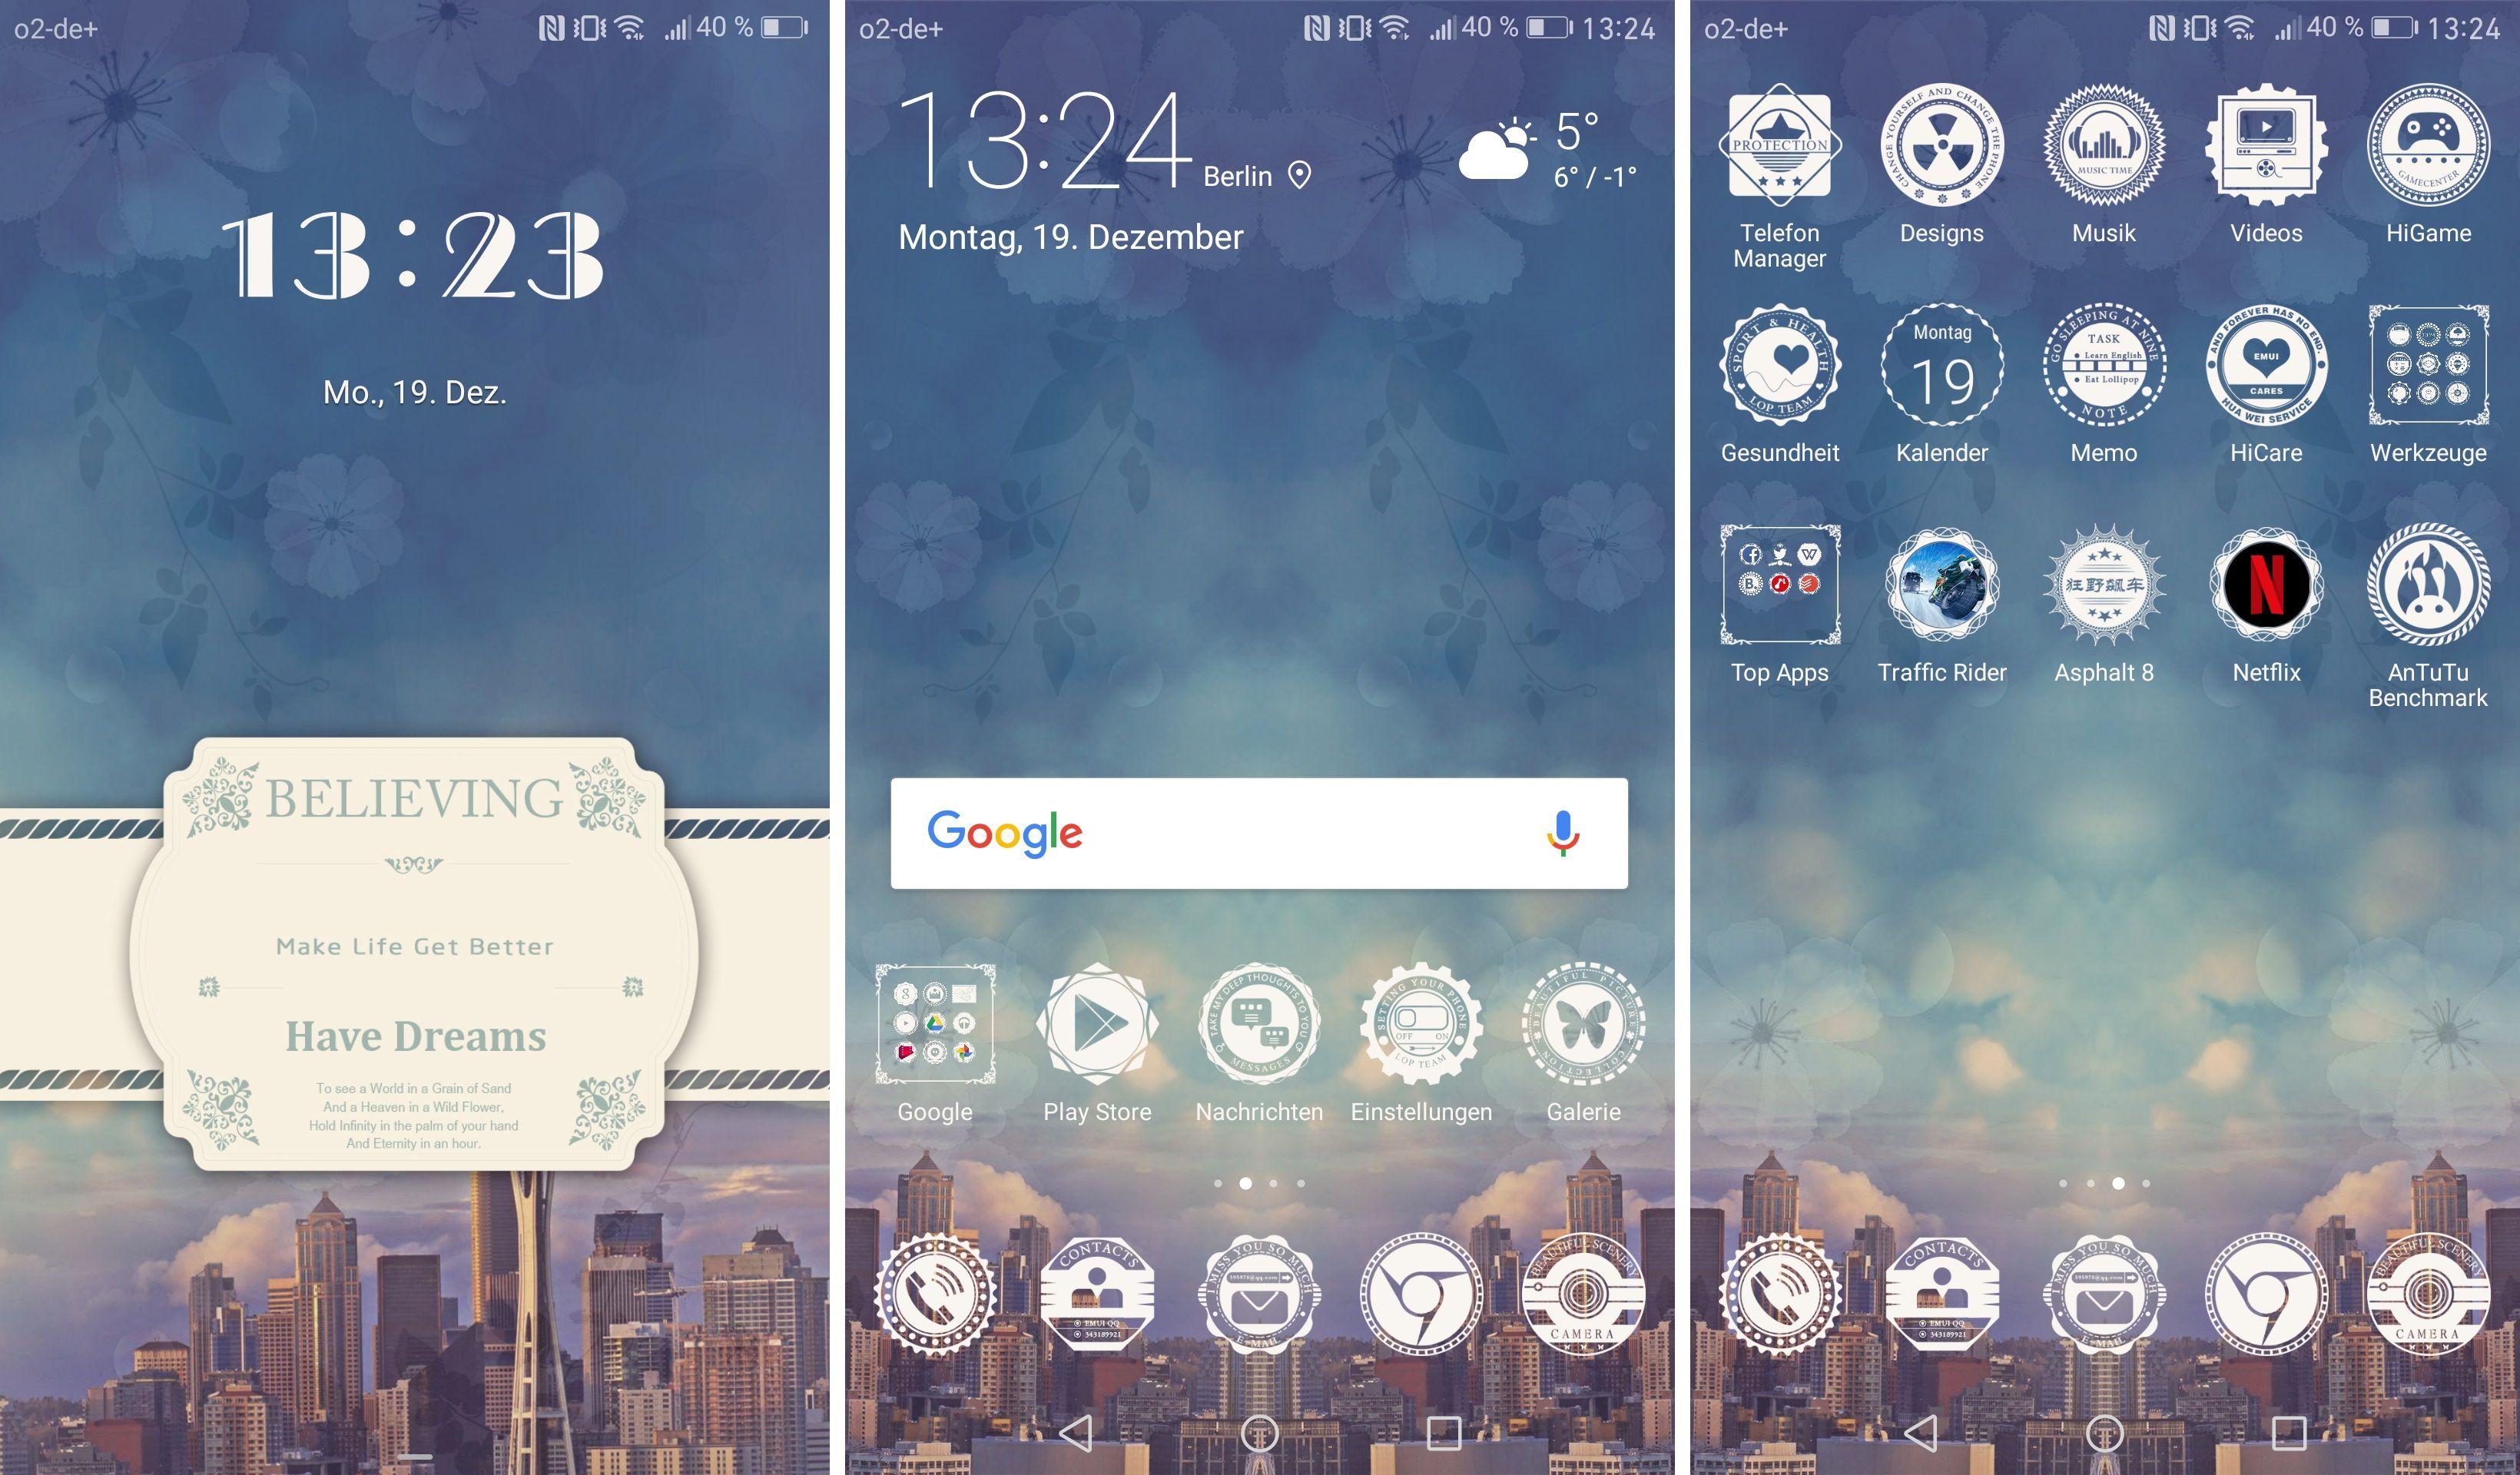 EMUI 5 0 Themes: Die besten Designs für Huawei Mate 9, P9